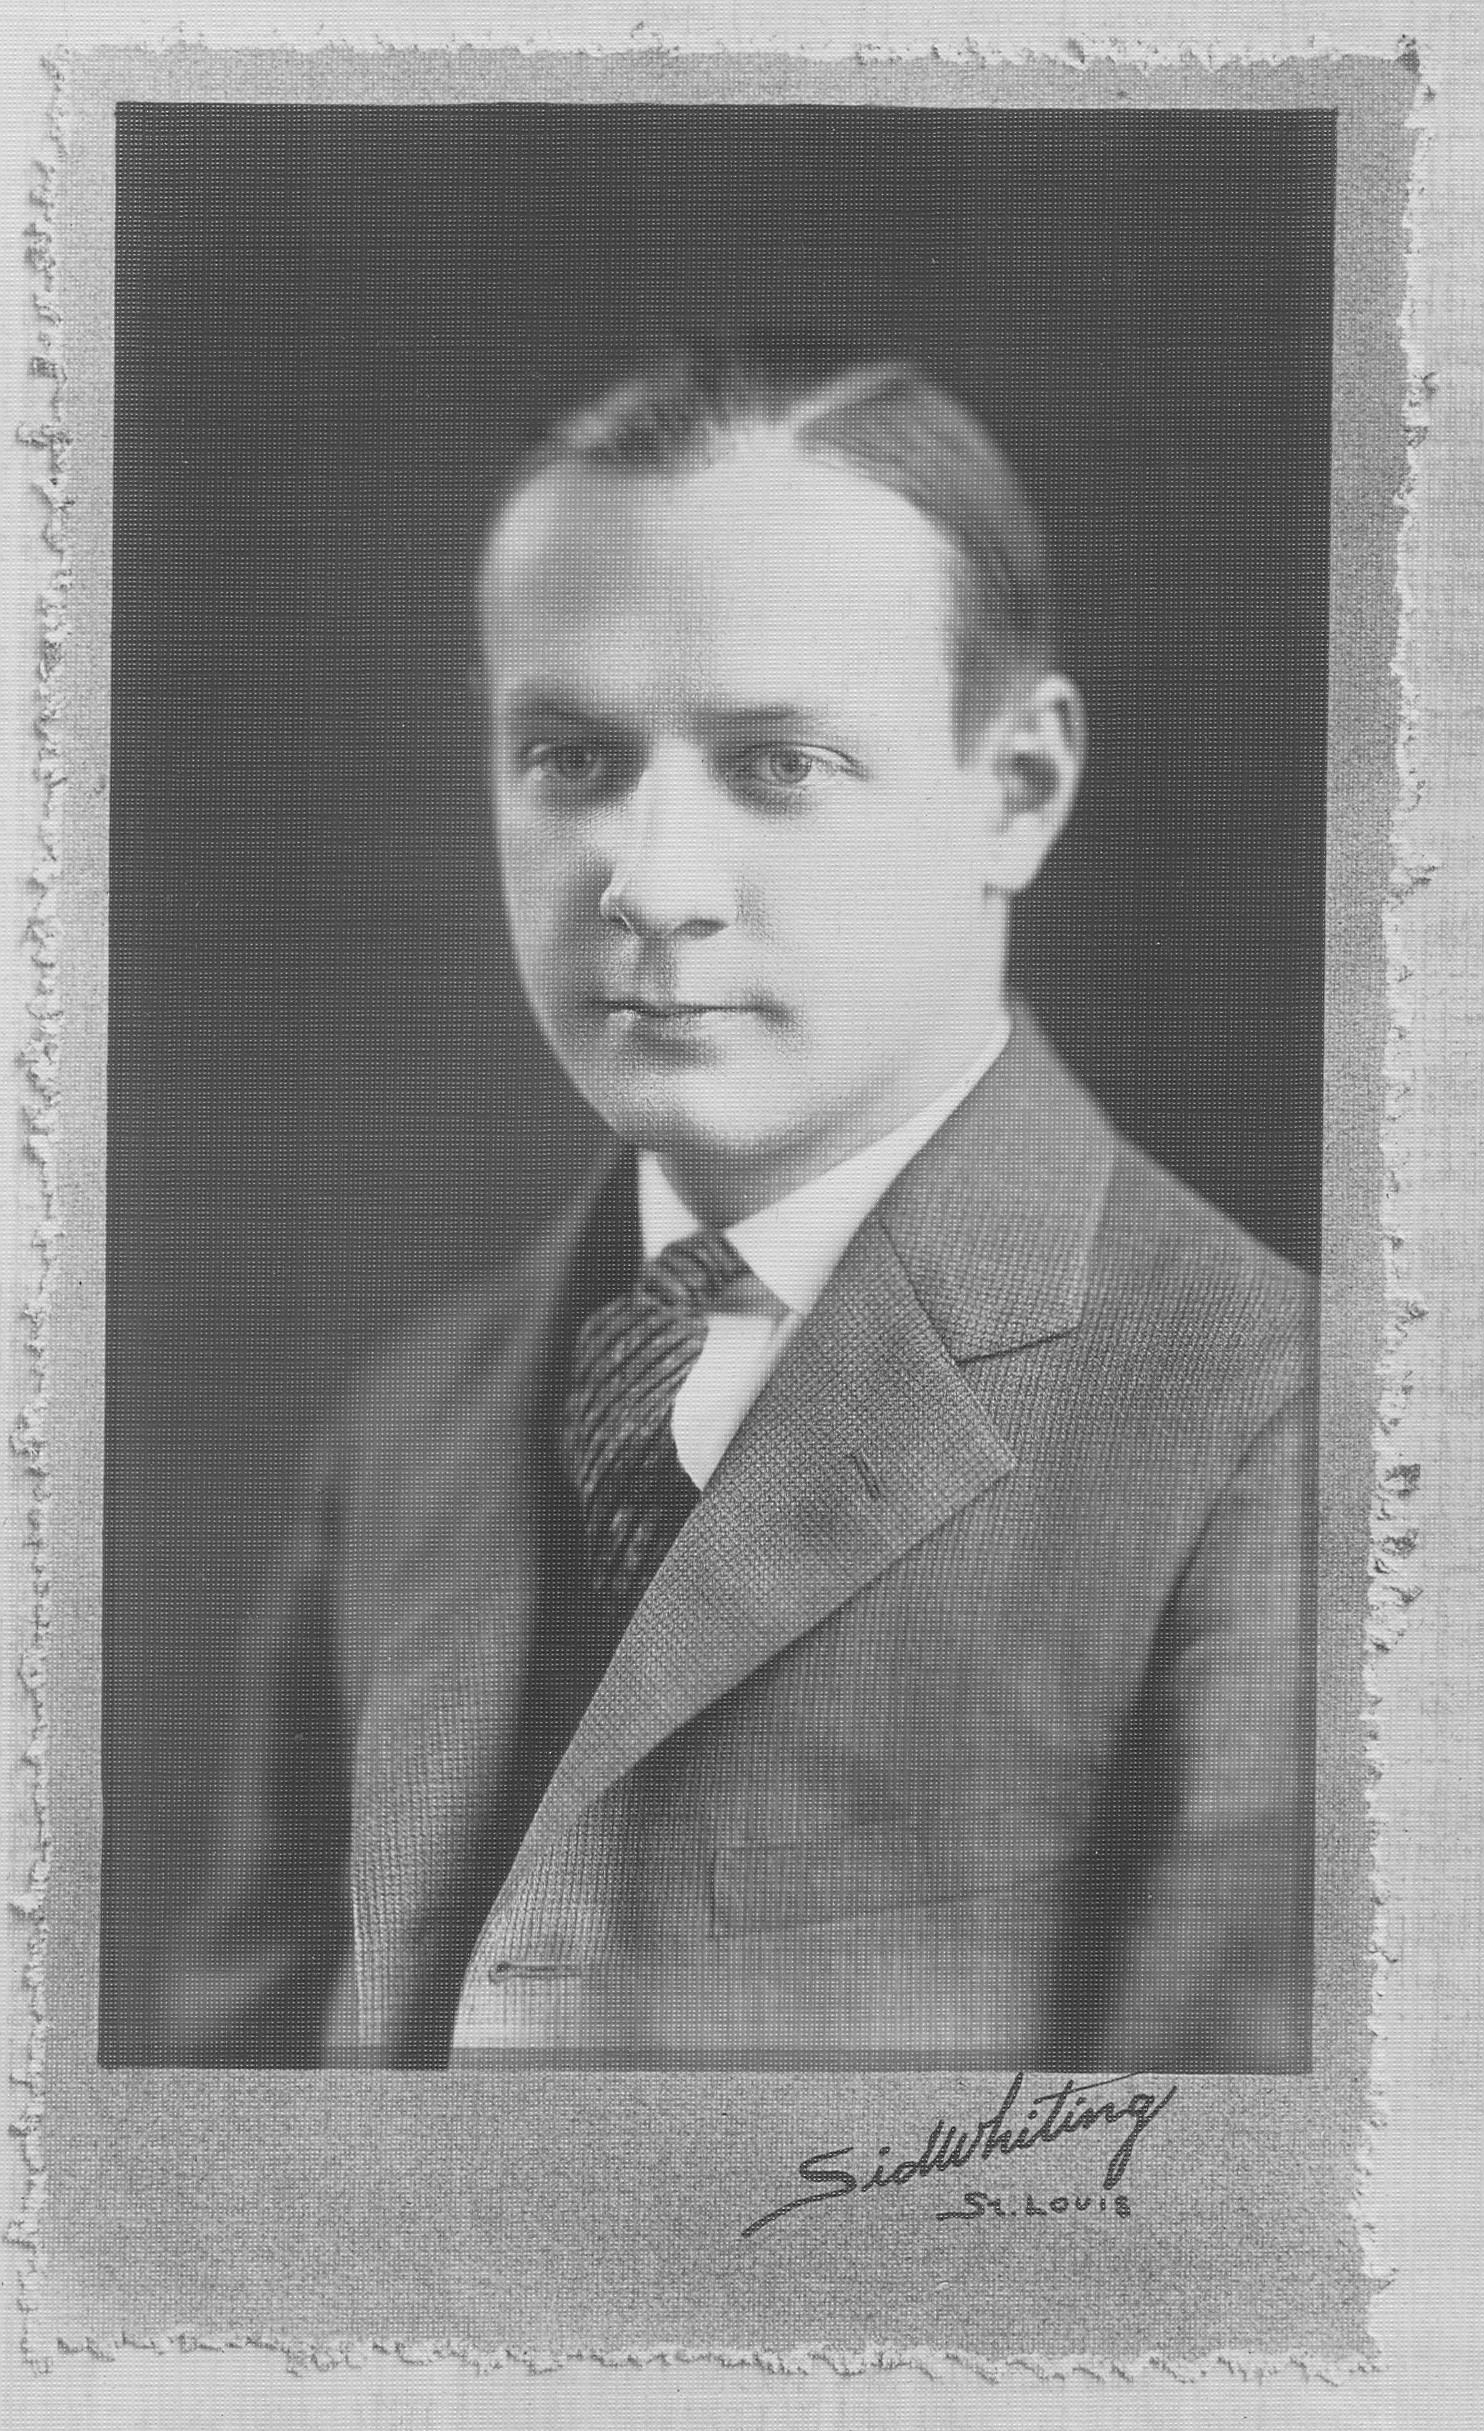 William Charlton Latta